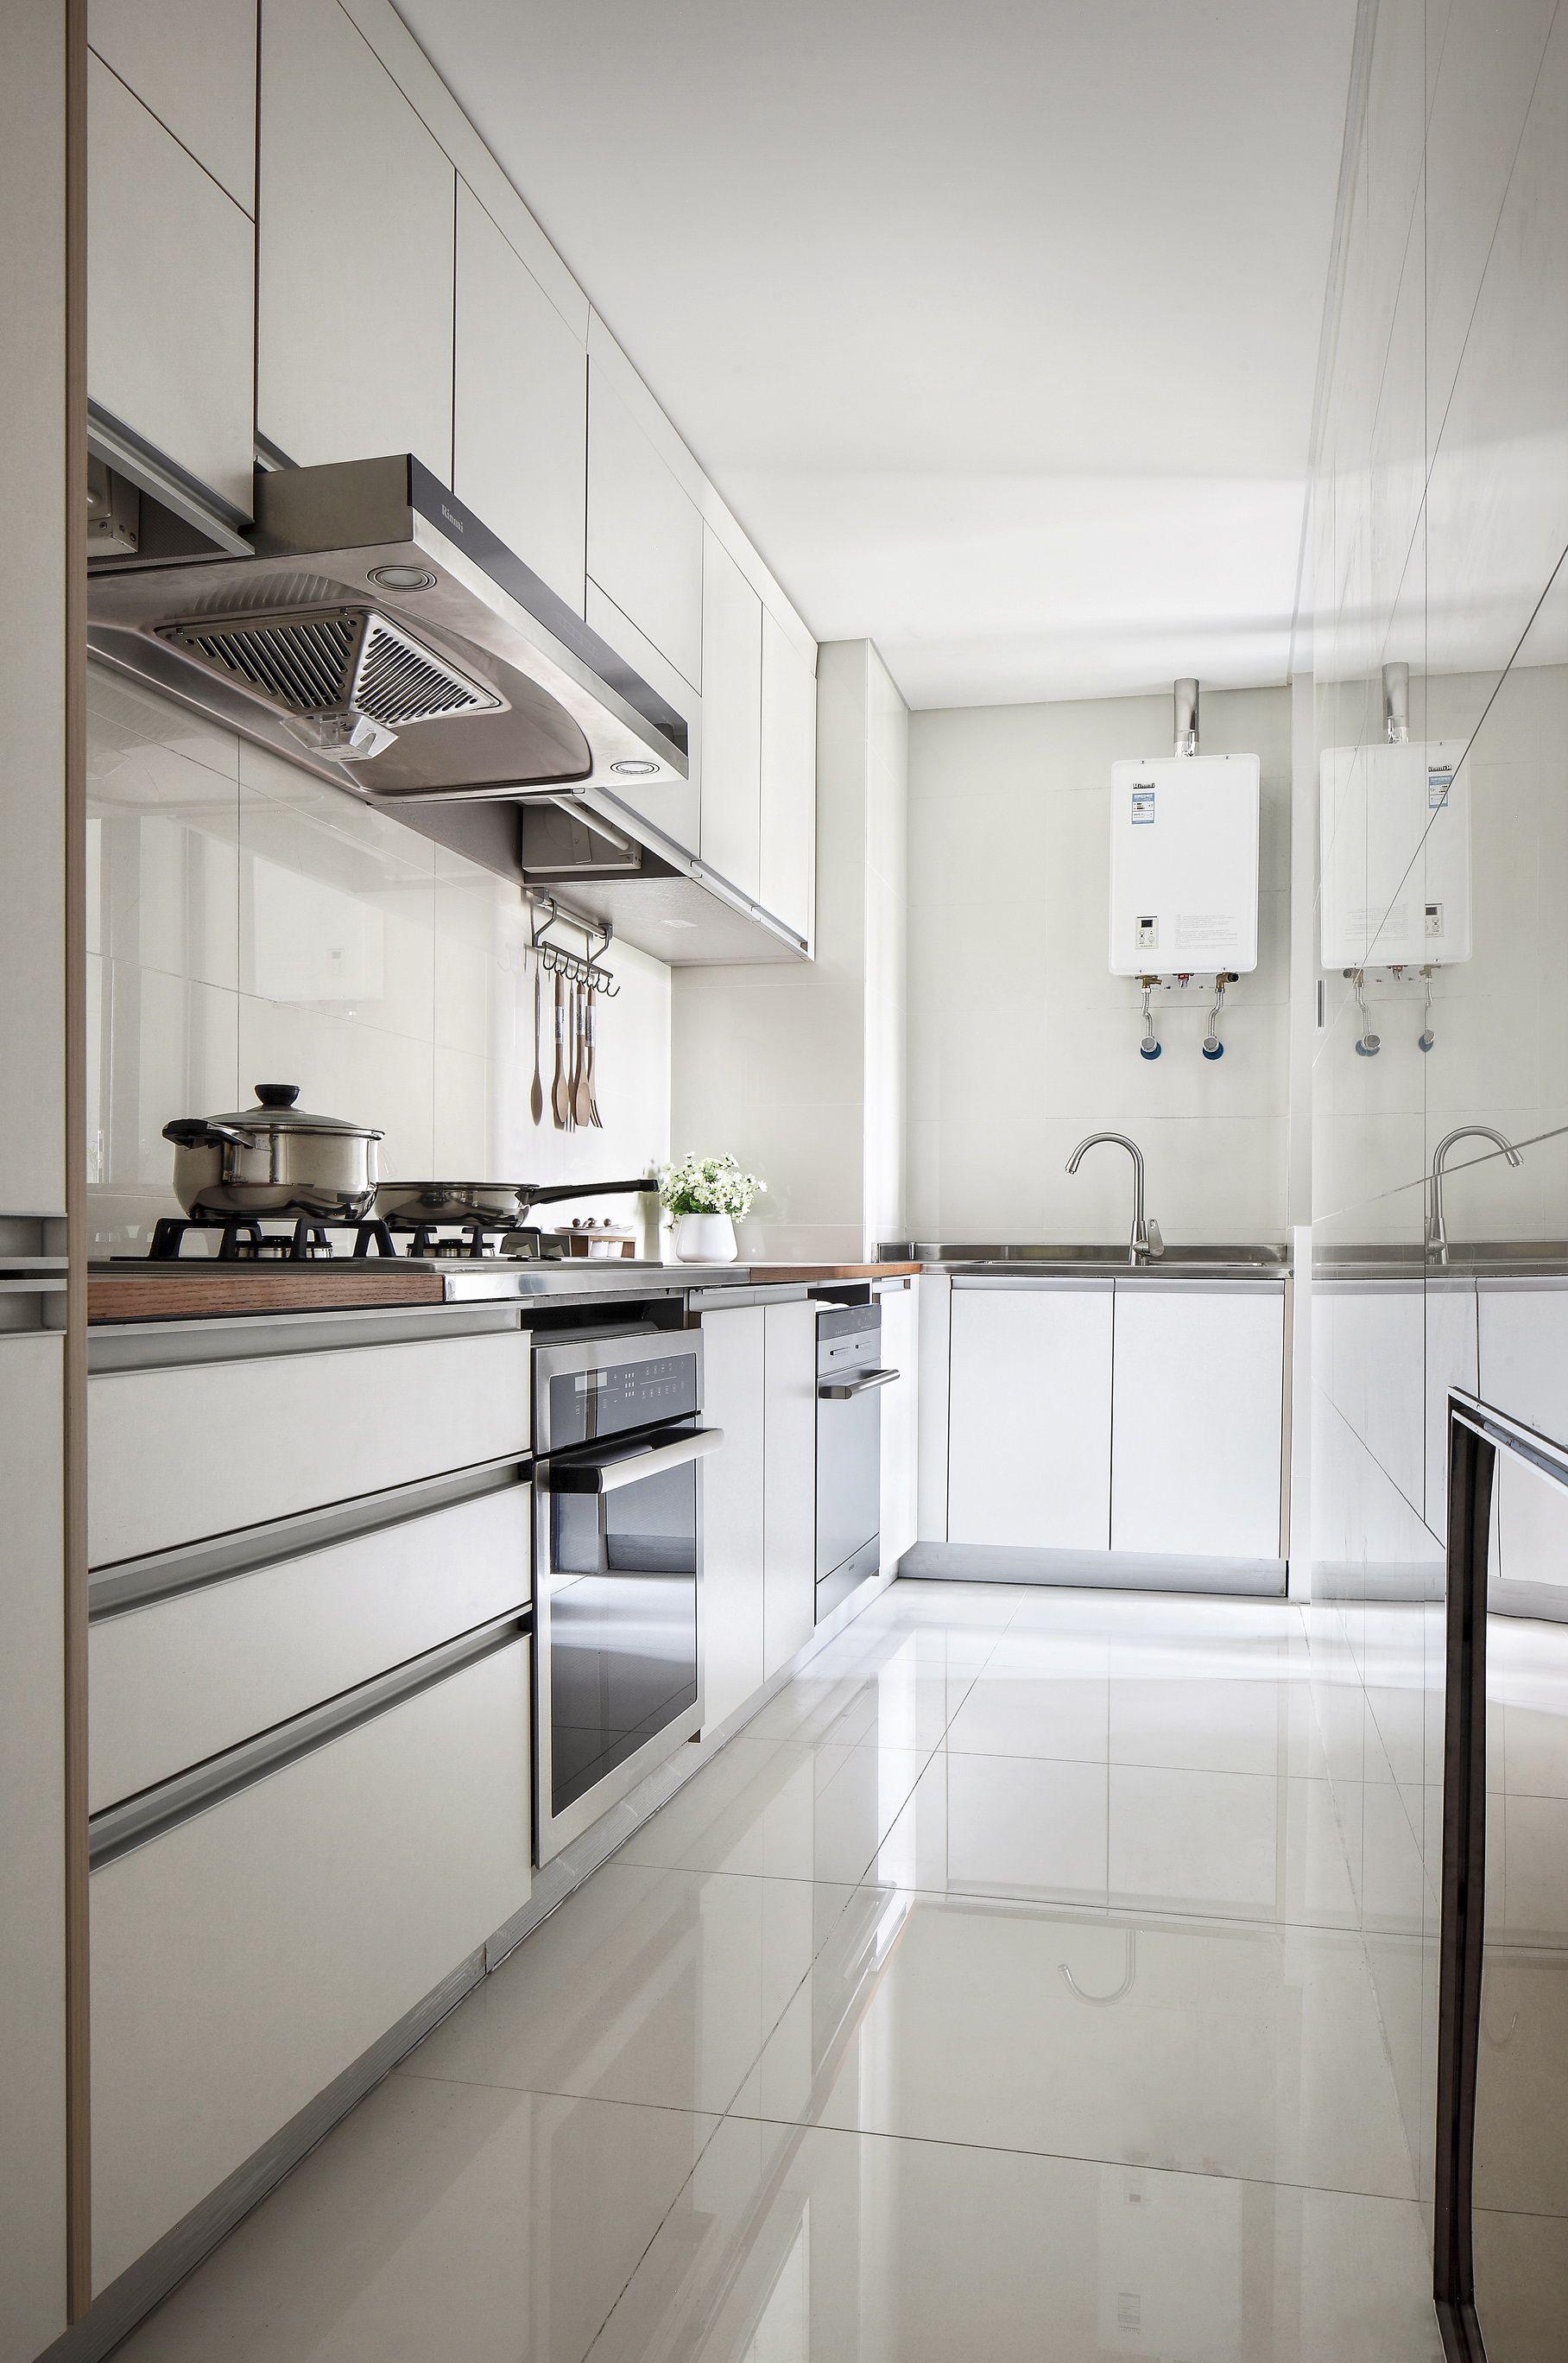 110㎡简约装修厨房效果图